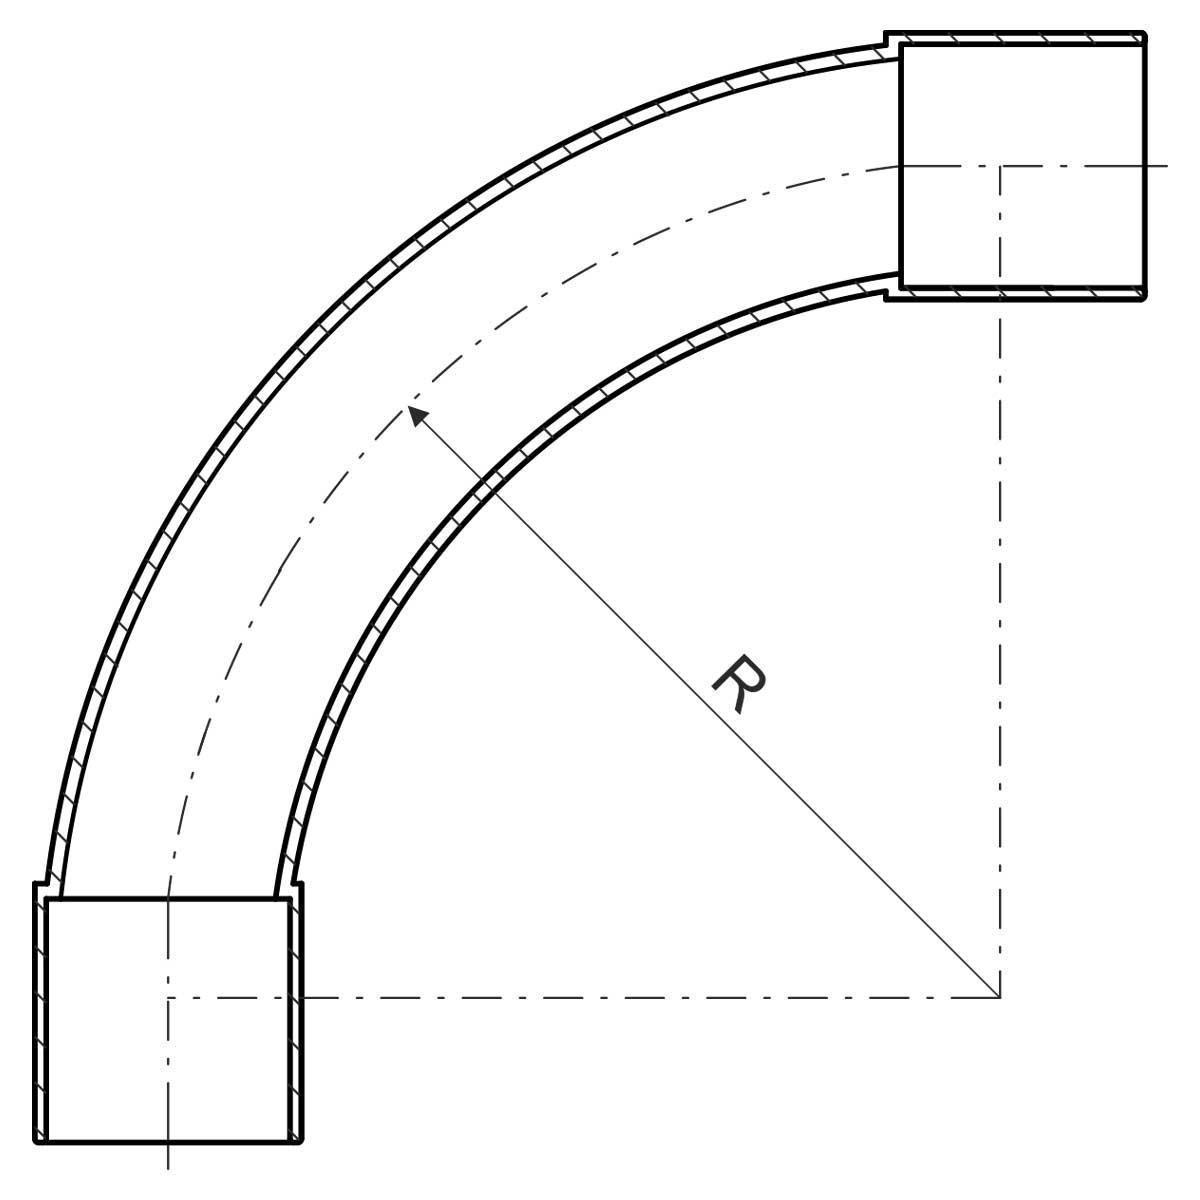 Коліно для труби 20 мм; Ø20мм; РС; безгалогенне; t застосування -45+90 °с; світло-сіре;